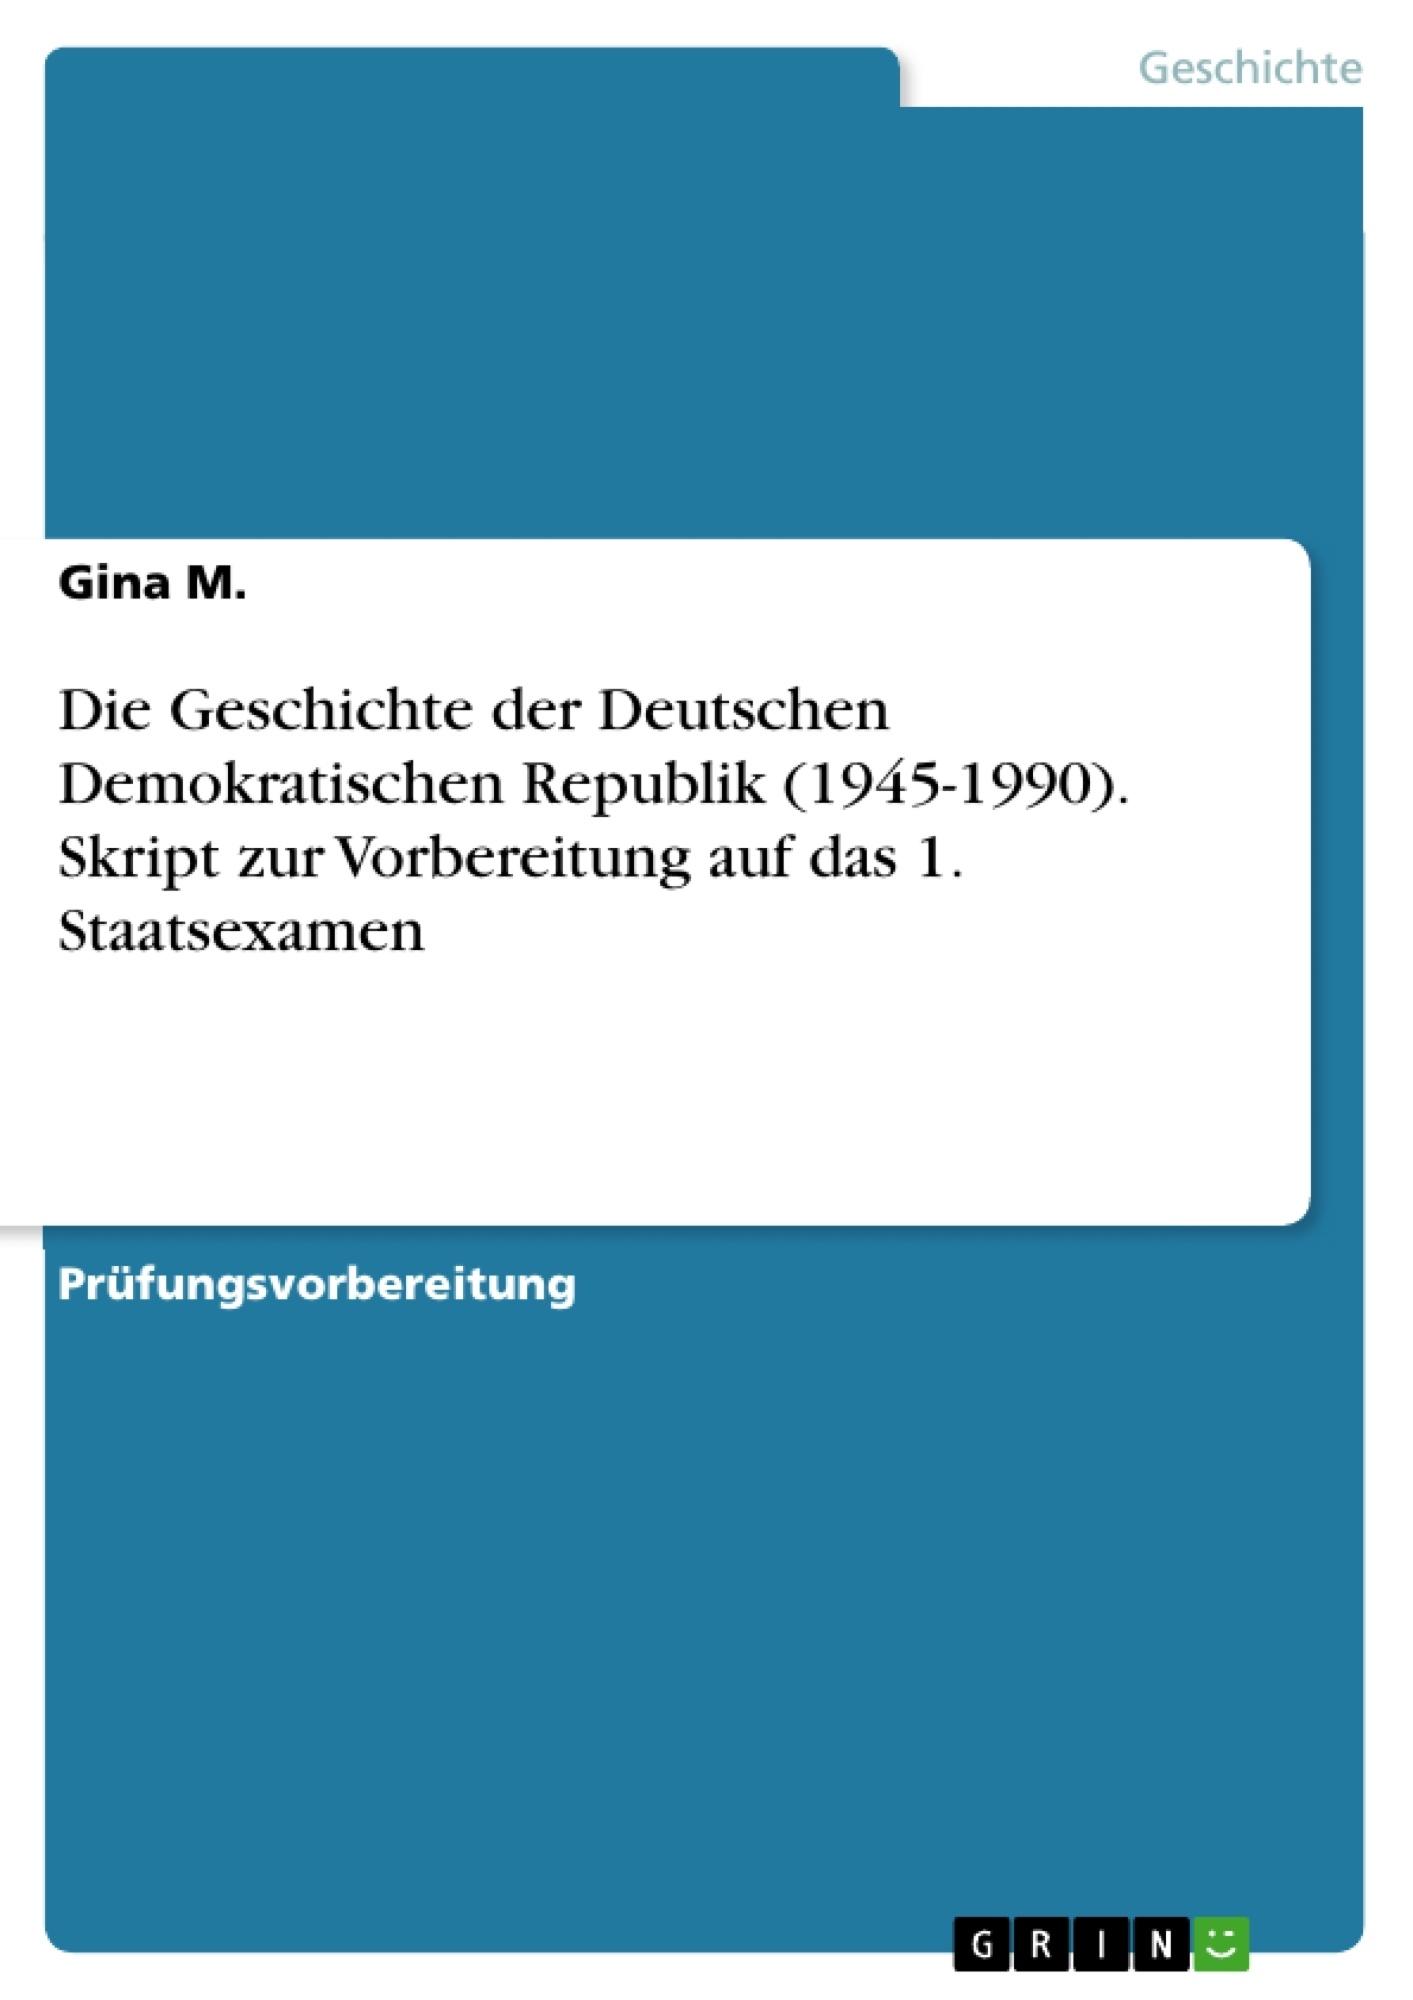 Titel: Die Geschichte der Deutschen Demokratischen Republik (1945-1990). Skript zur Vorbereitung auf das 1. Staatsexamen